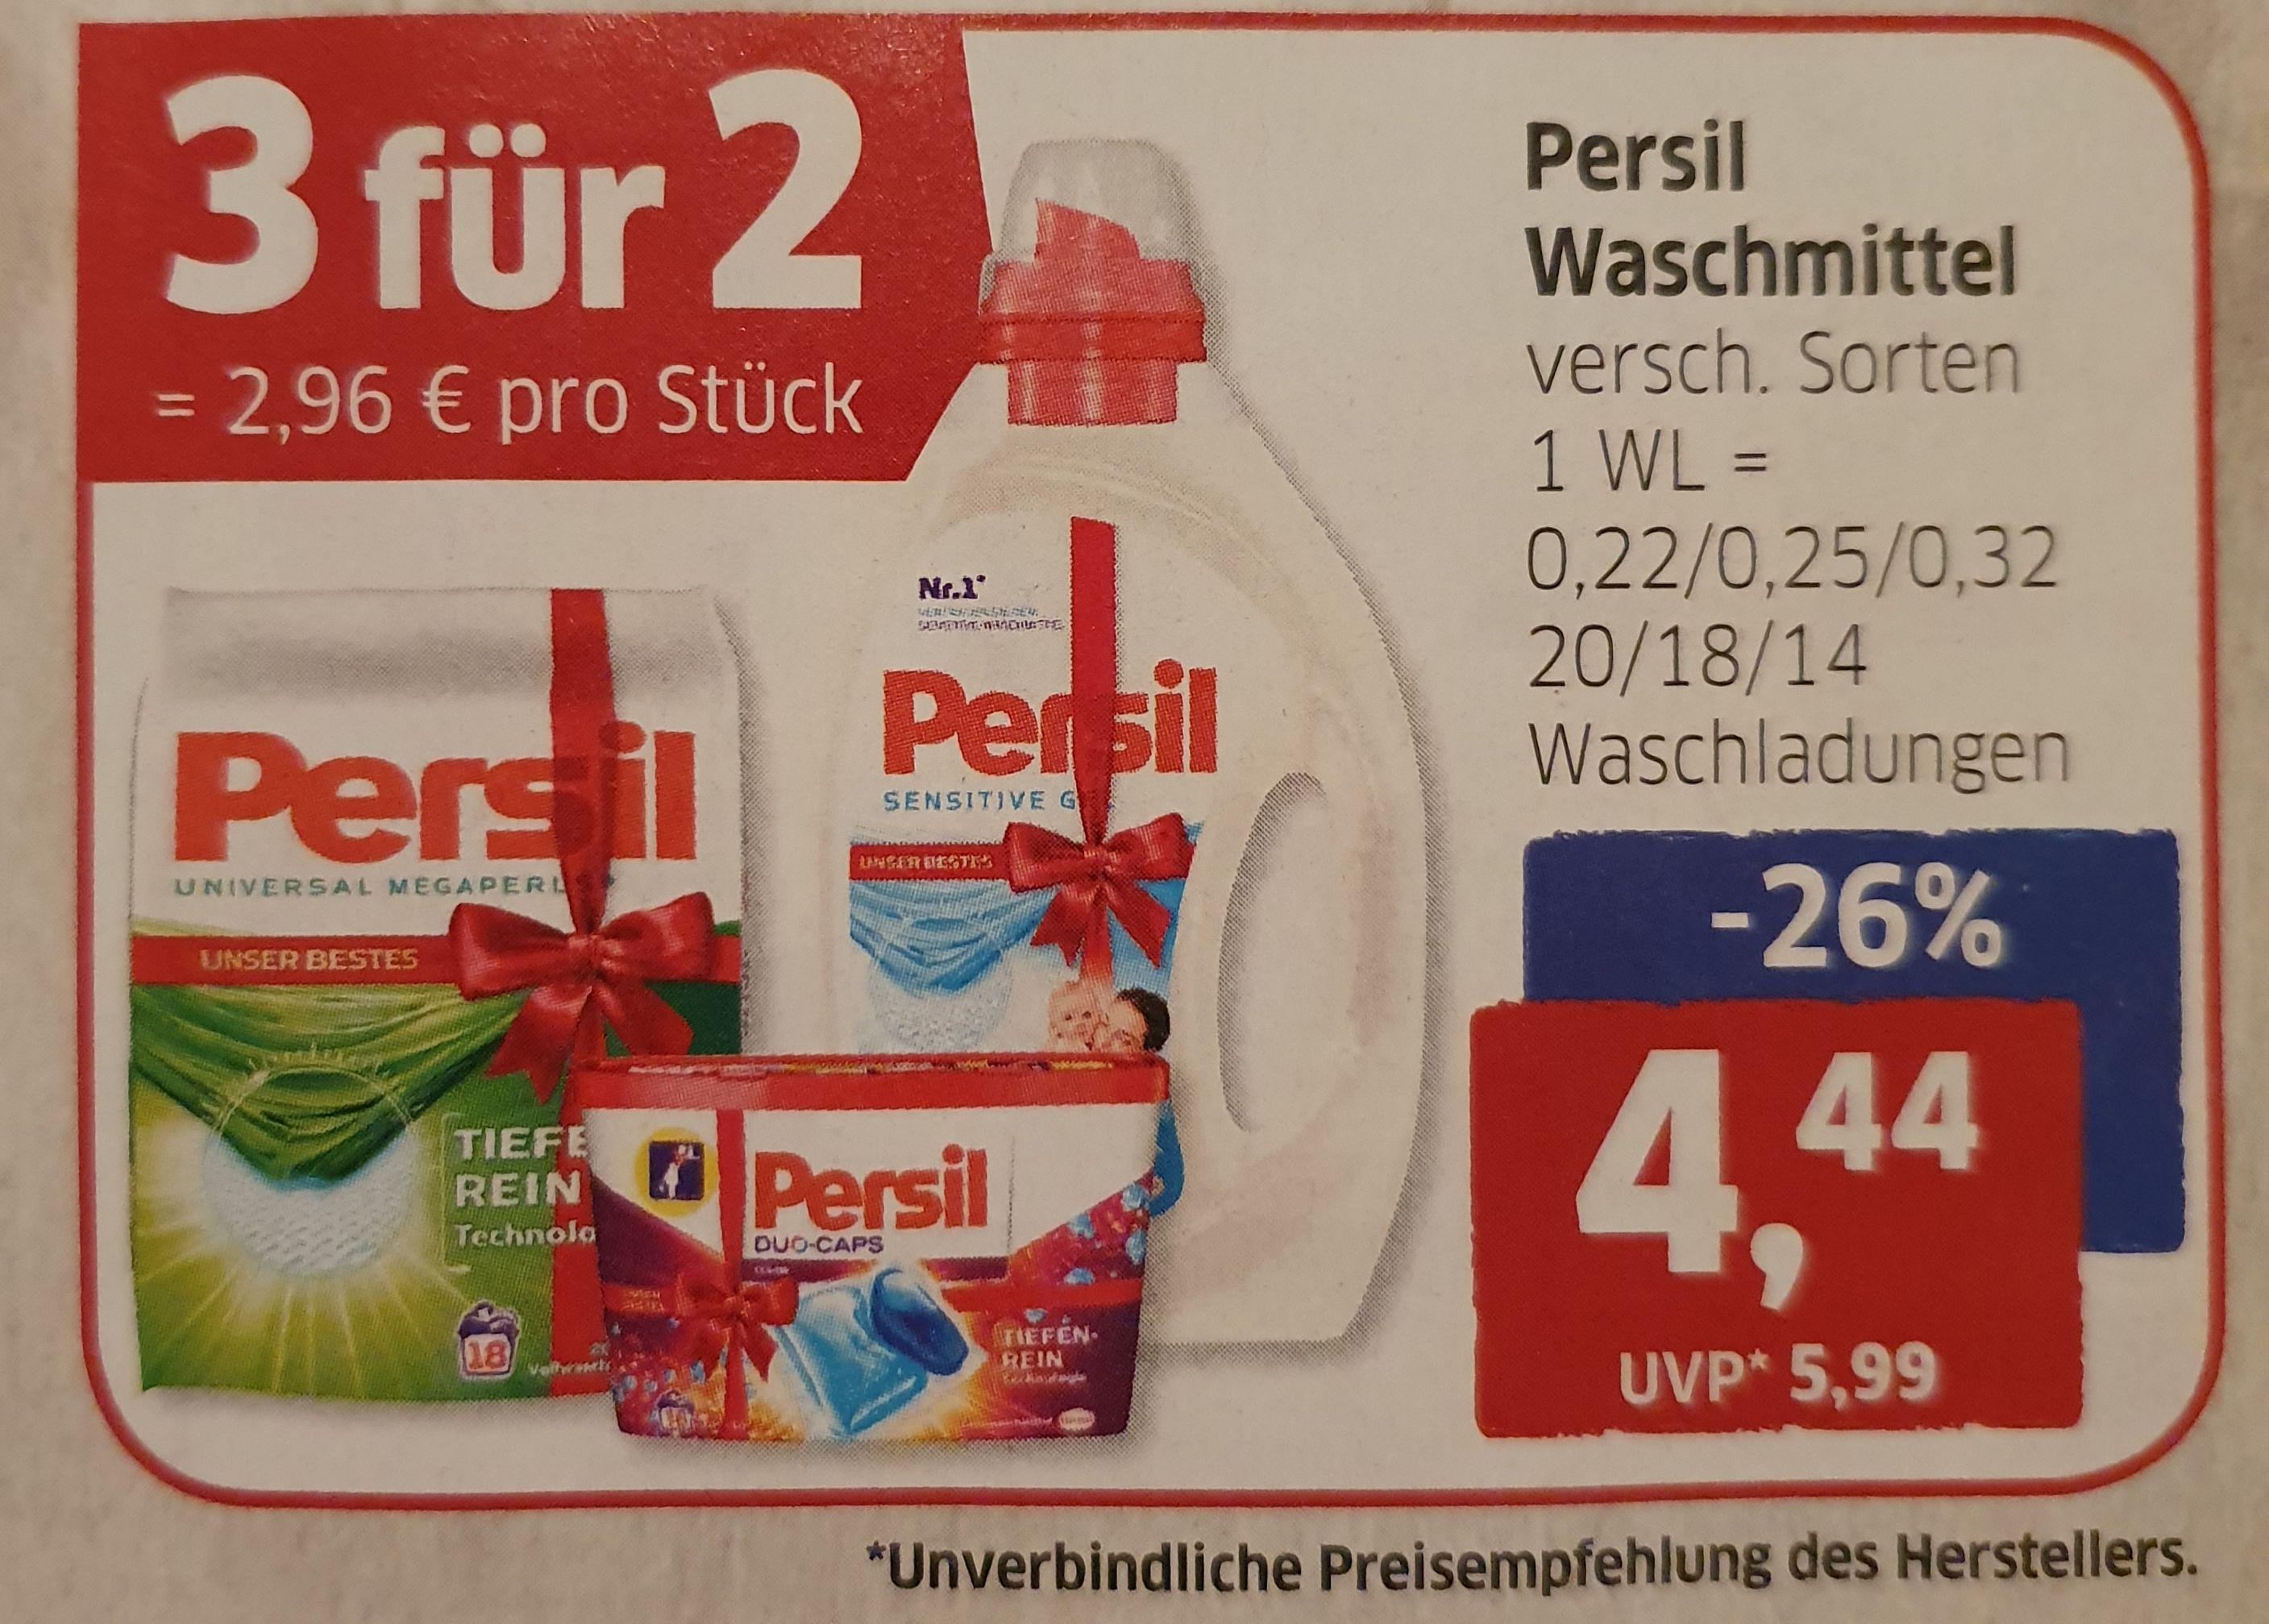 Budni ab 18.11. 3 für 2 (2,96€/Stk) Persil Waschmittel versch. Sorten